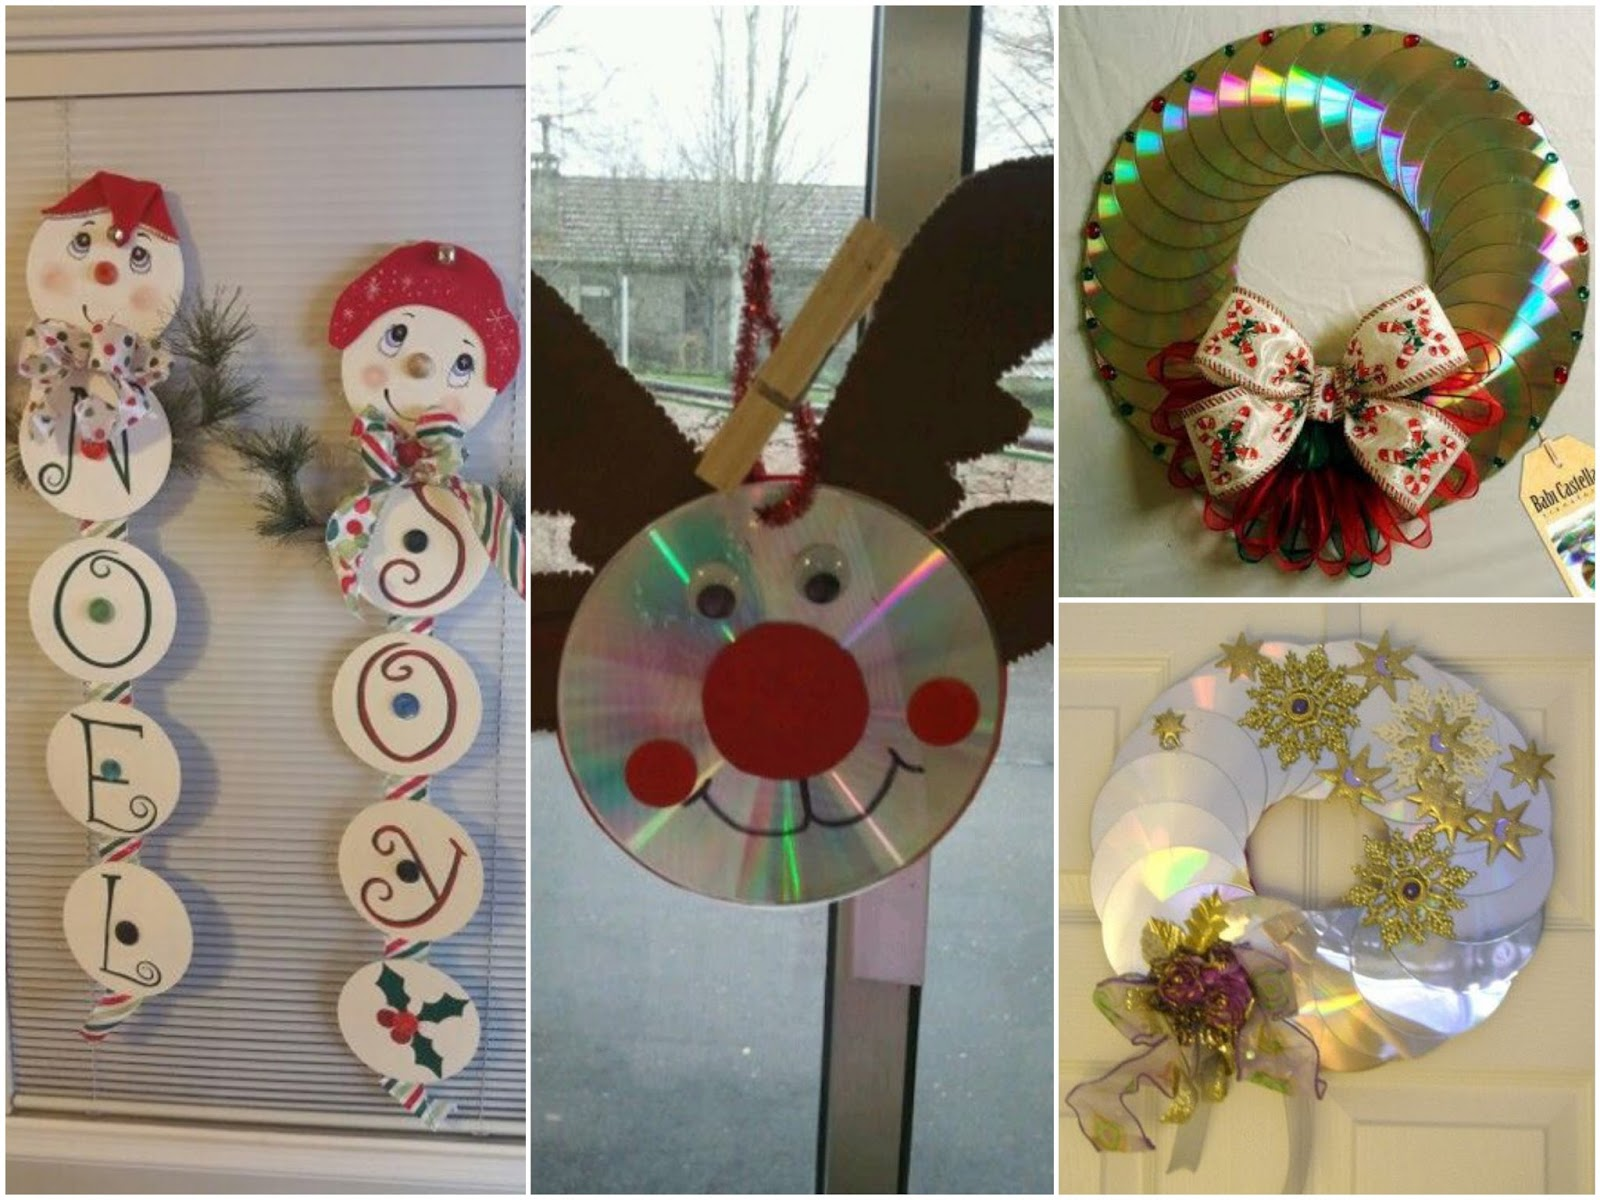 14 ideas para hacer adornos de navidad con cds - Como hacer decoracion navidena para el hogar ...